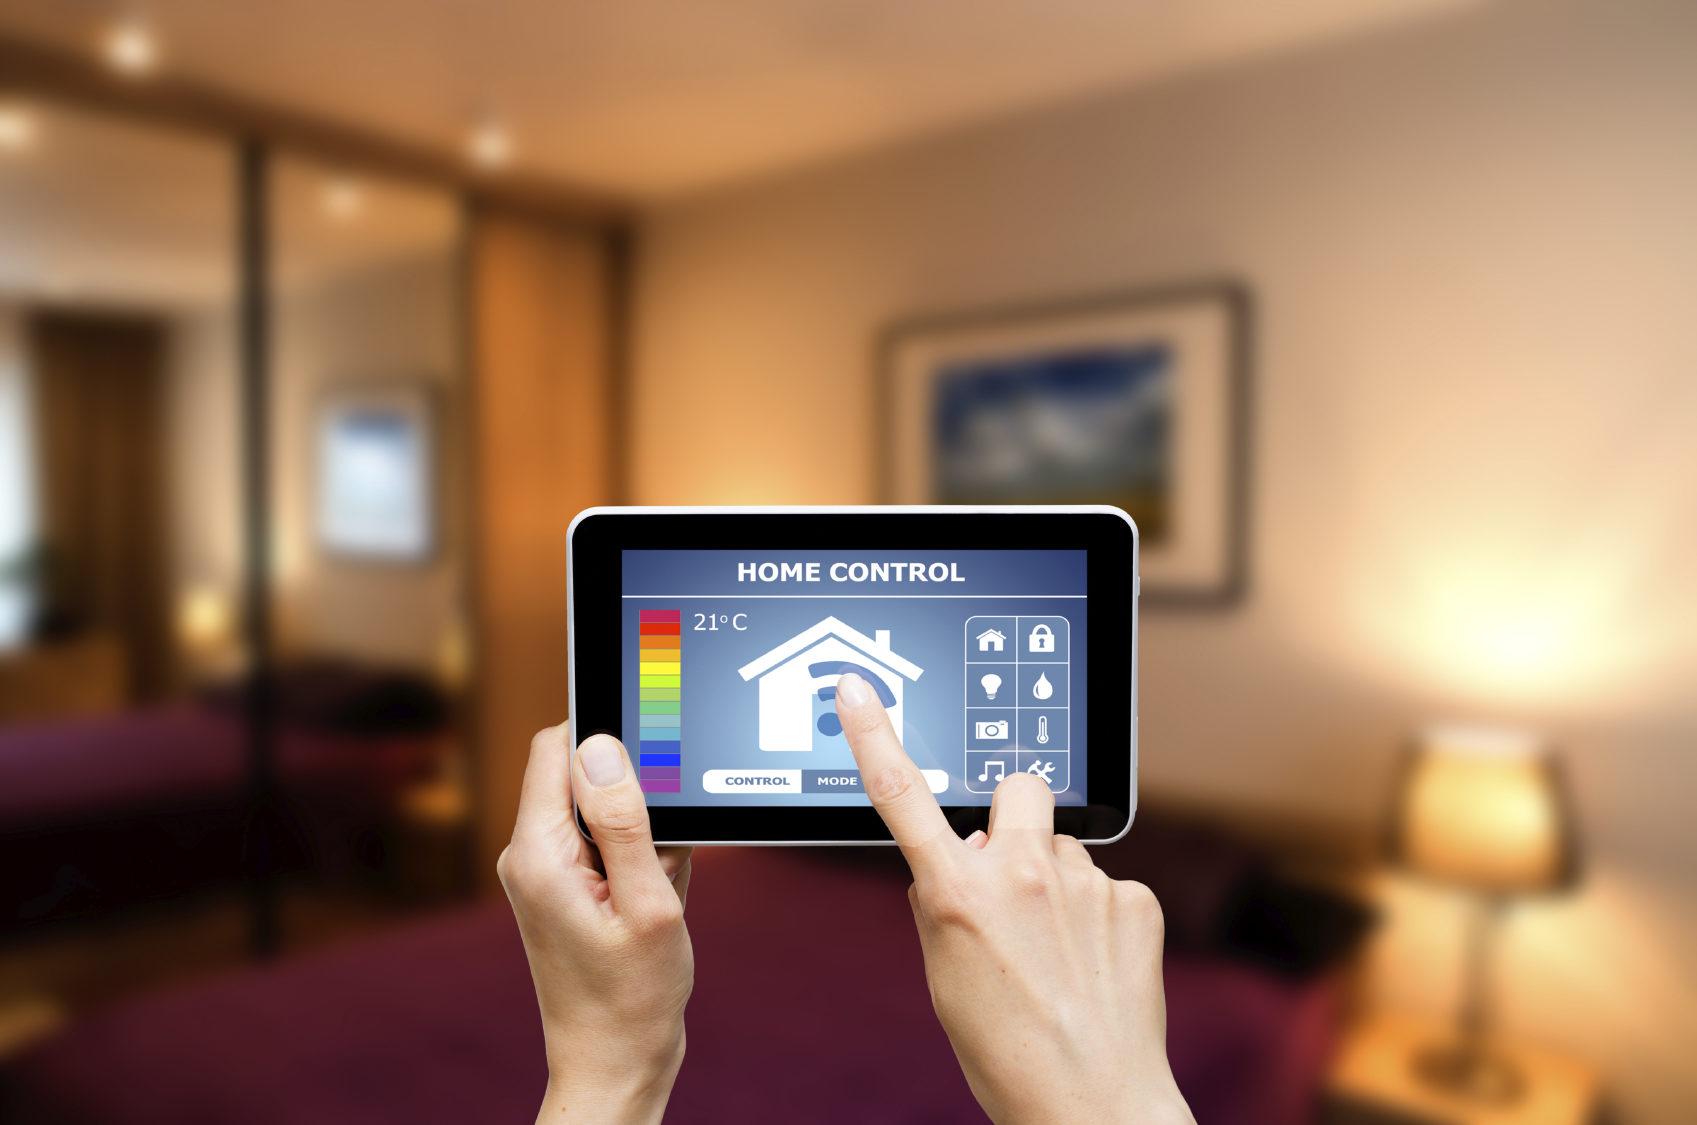 O que diferencia uma casa com classe de eficiência energética A+ das restantes?